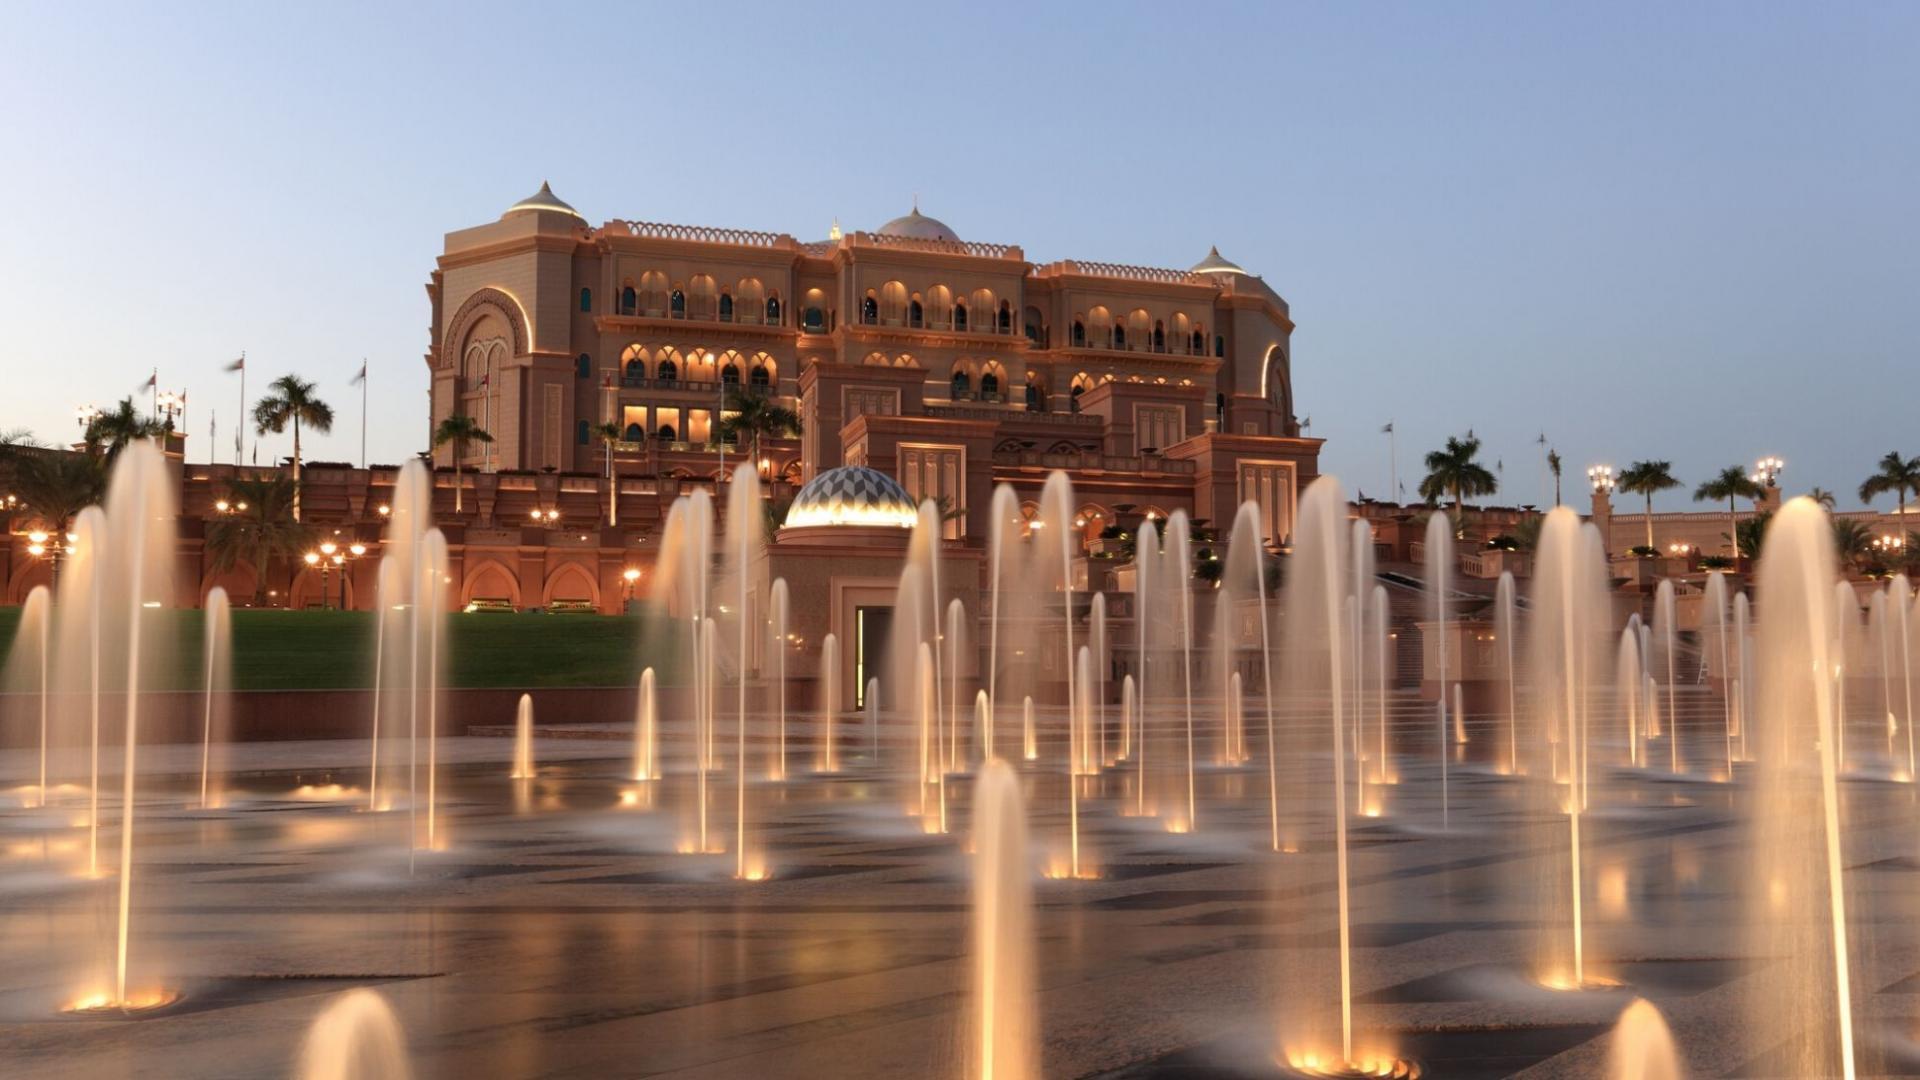 """Vienas prabangiausių pasaulyje viešbučių - """"Emirates Palace"""" tapo lankytina vieta Abu Dabyje"""